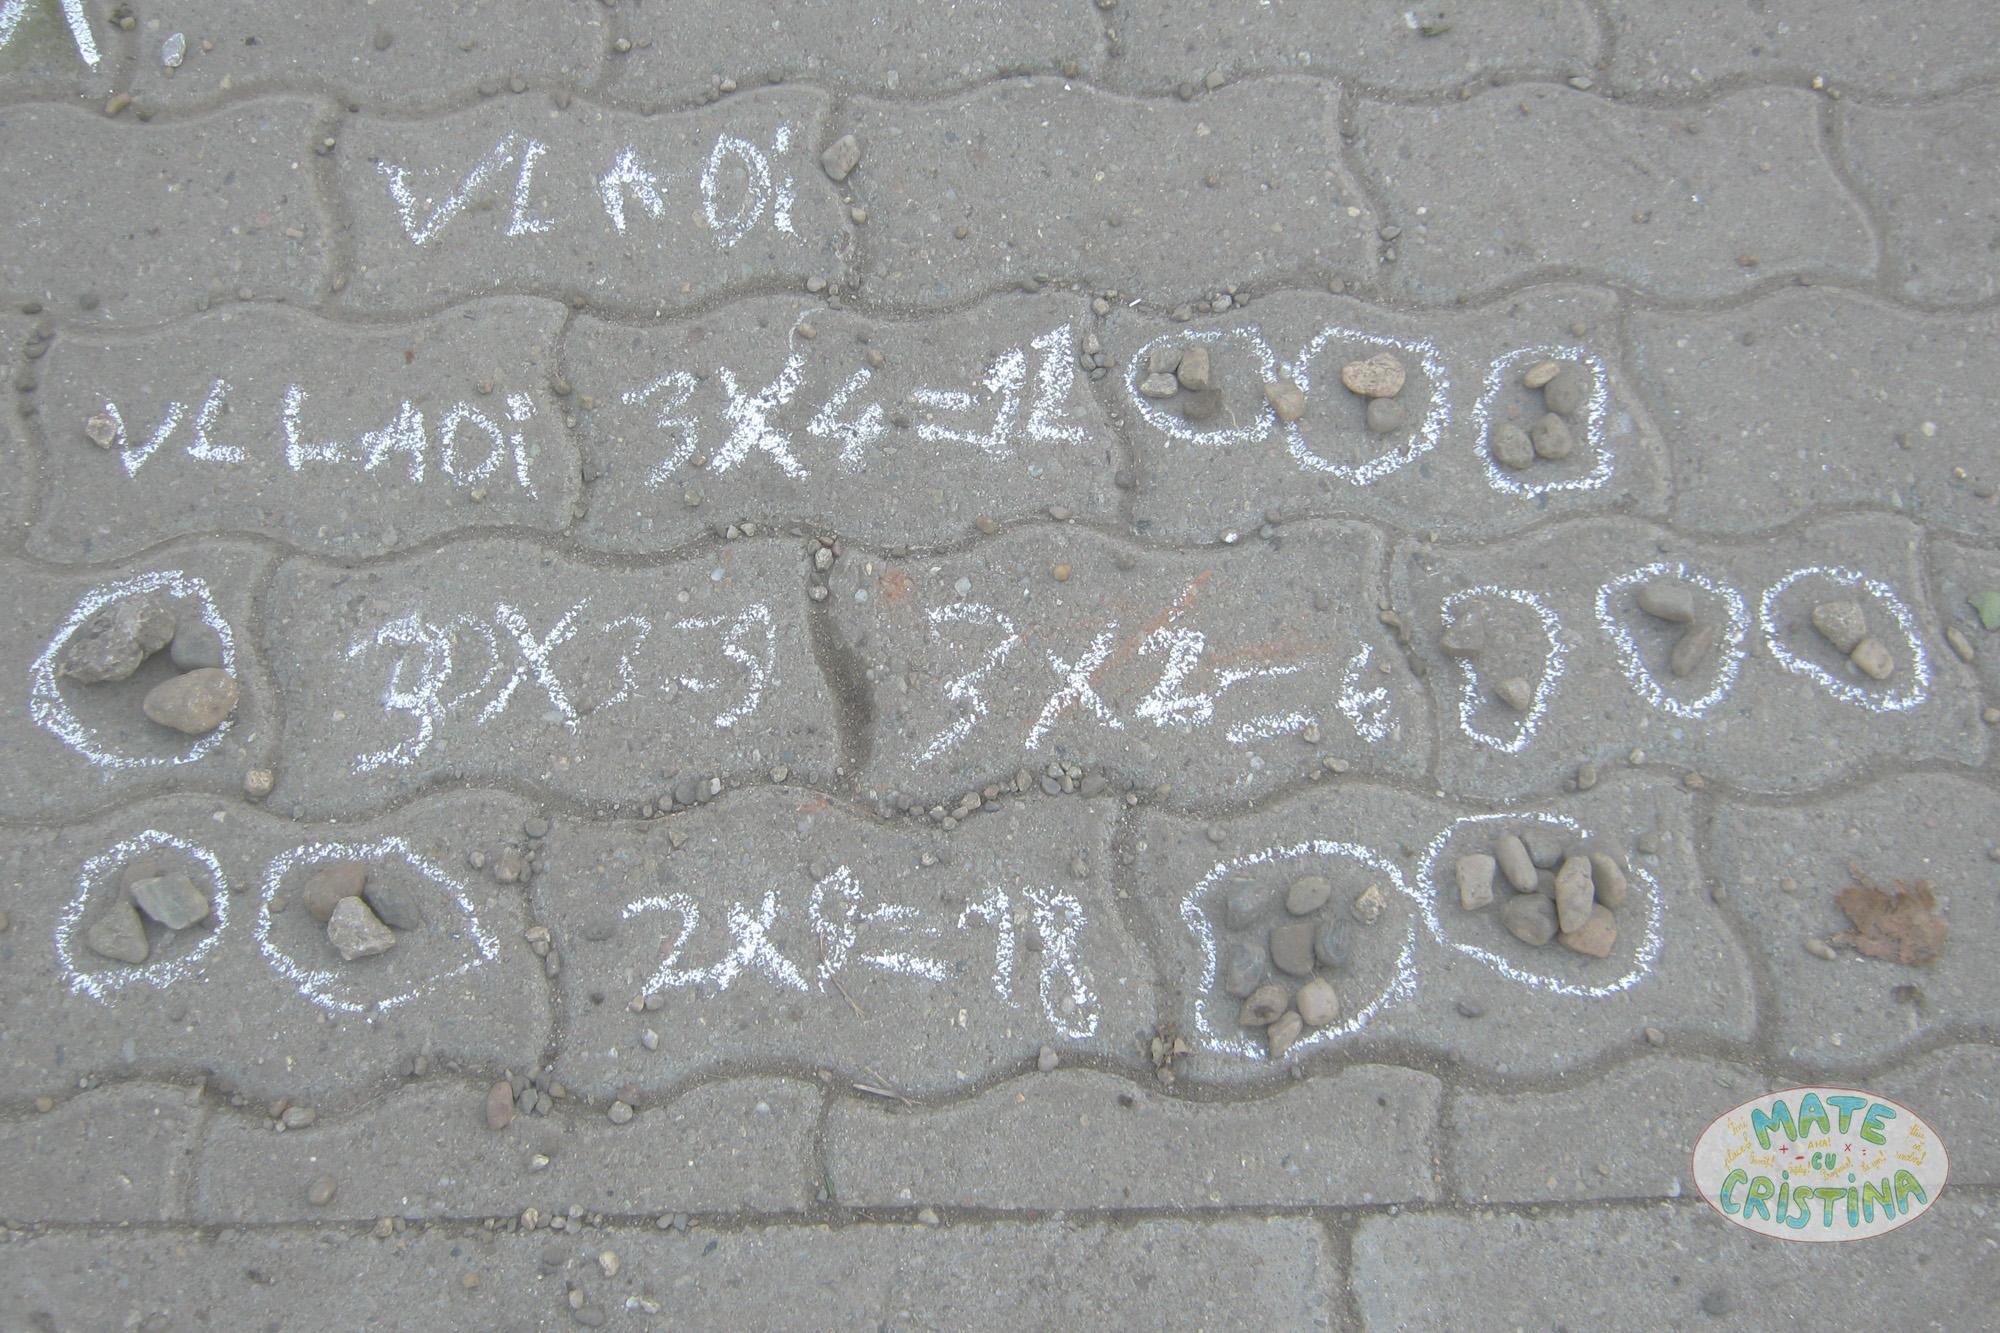 Imagini pentru Matematică pe asfalt